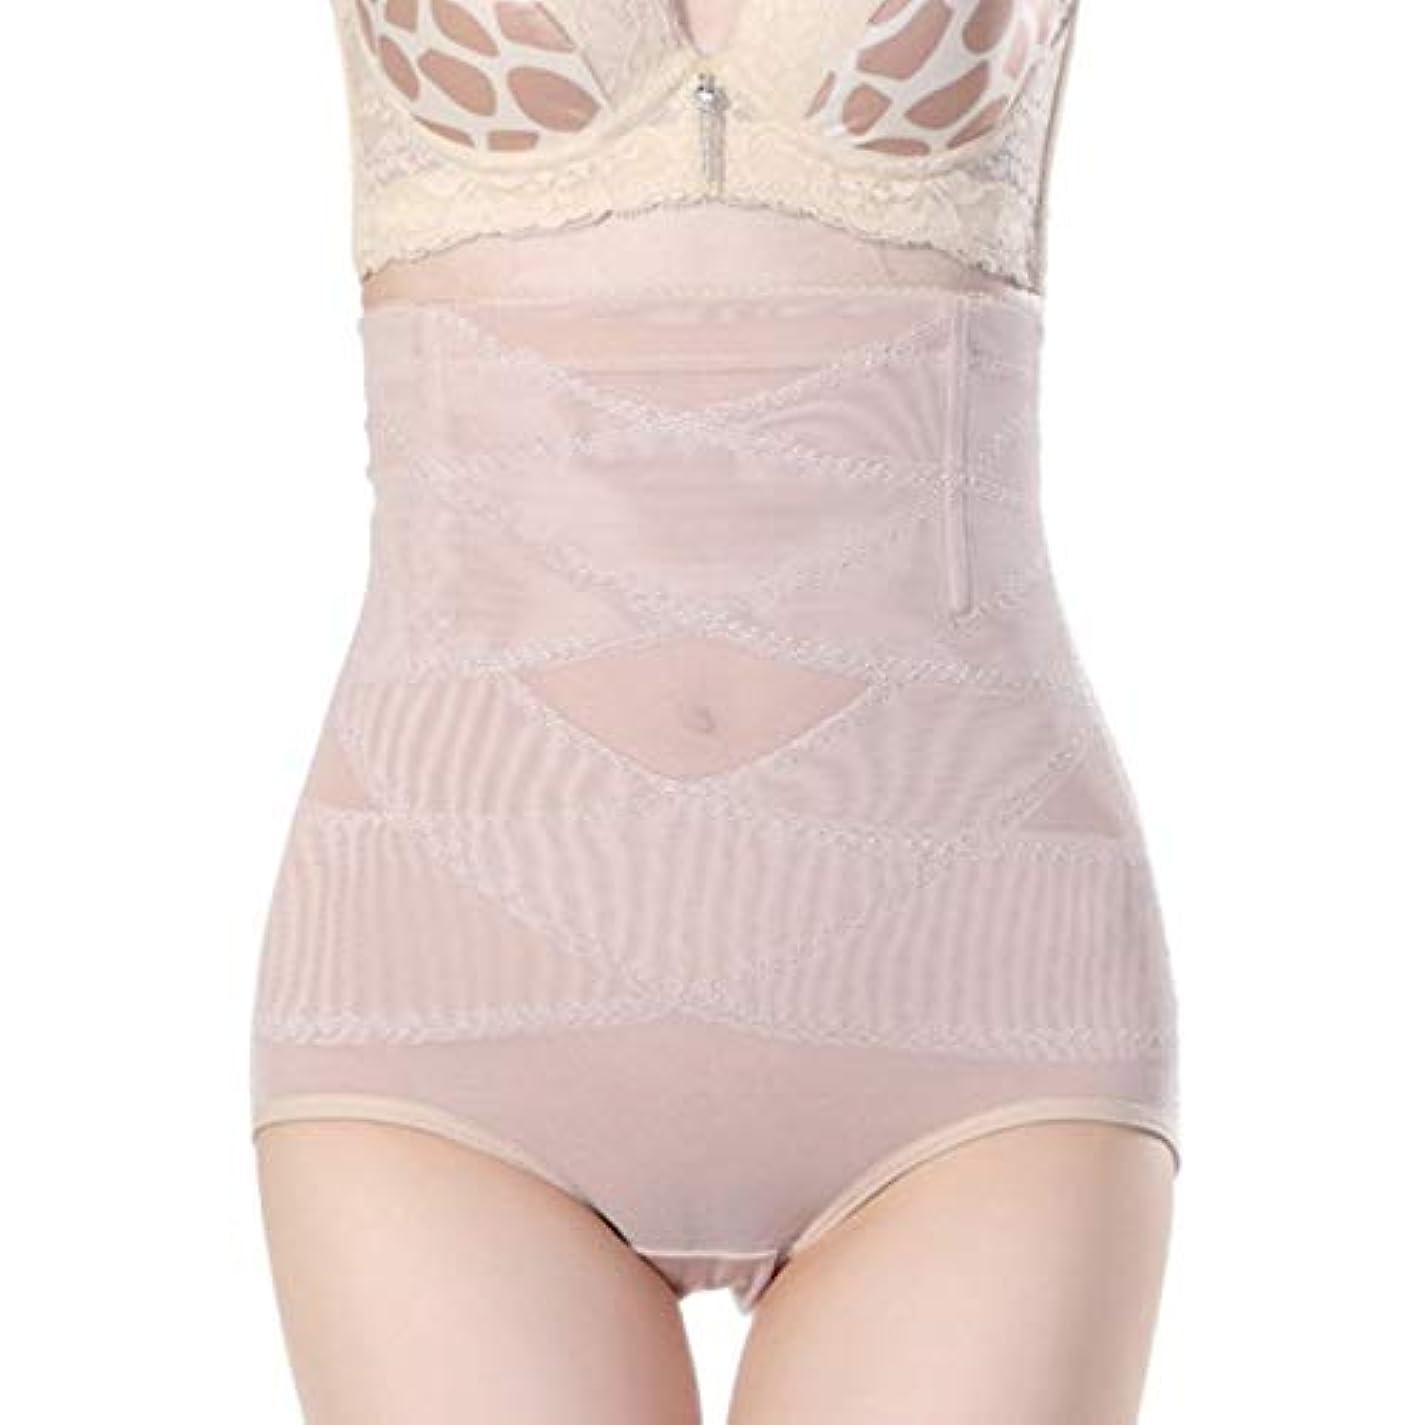 患者湖方言腹部制御下着シームレスおなかコントロールパンティーバットリフターボディシェイパーを痩身通気性のハイウエストの女性 - 肌色3 XL